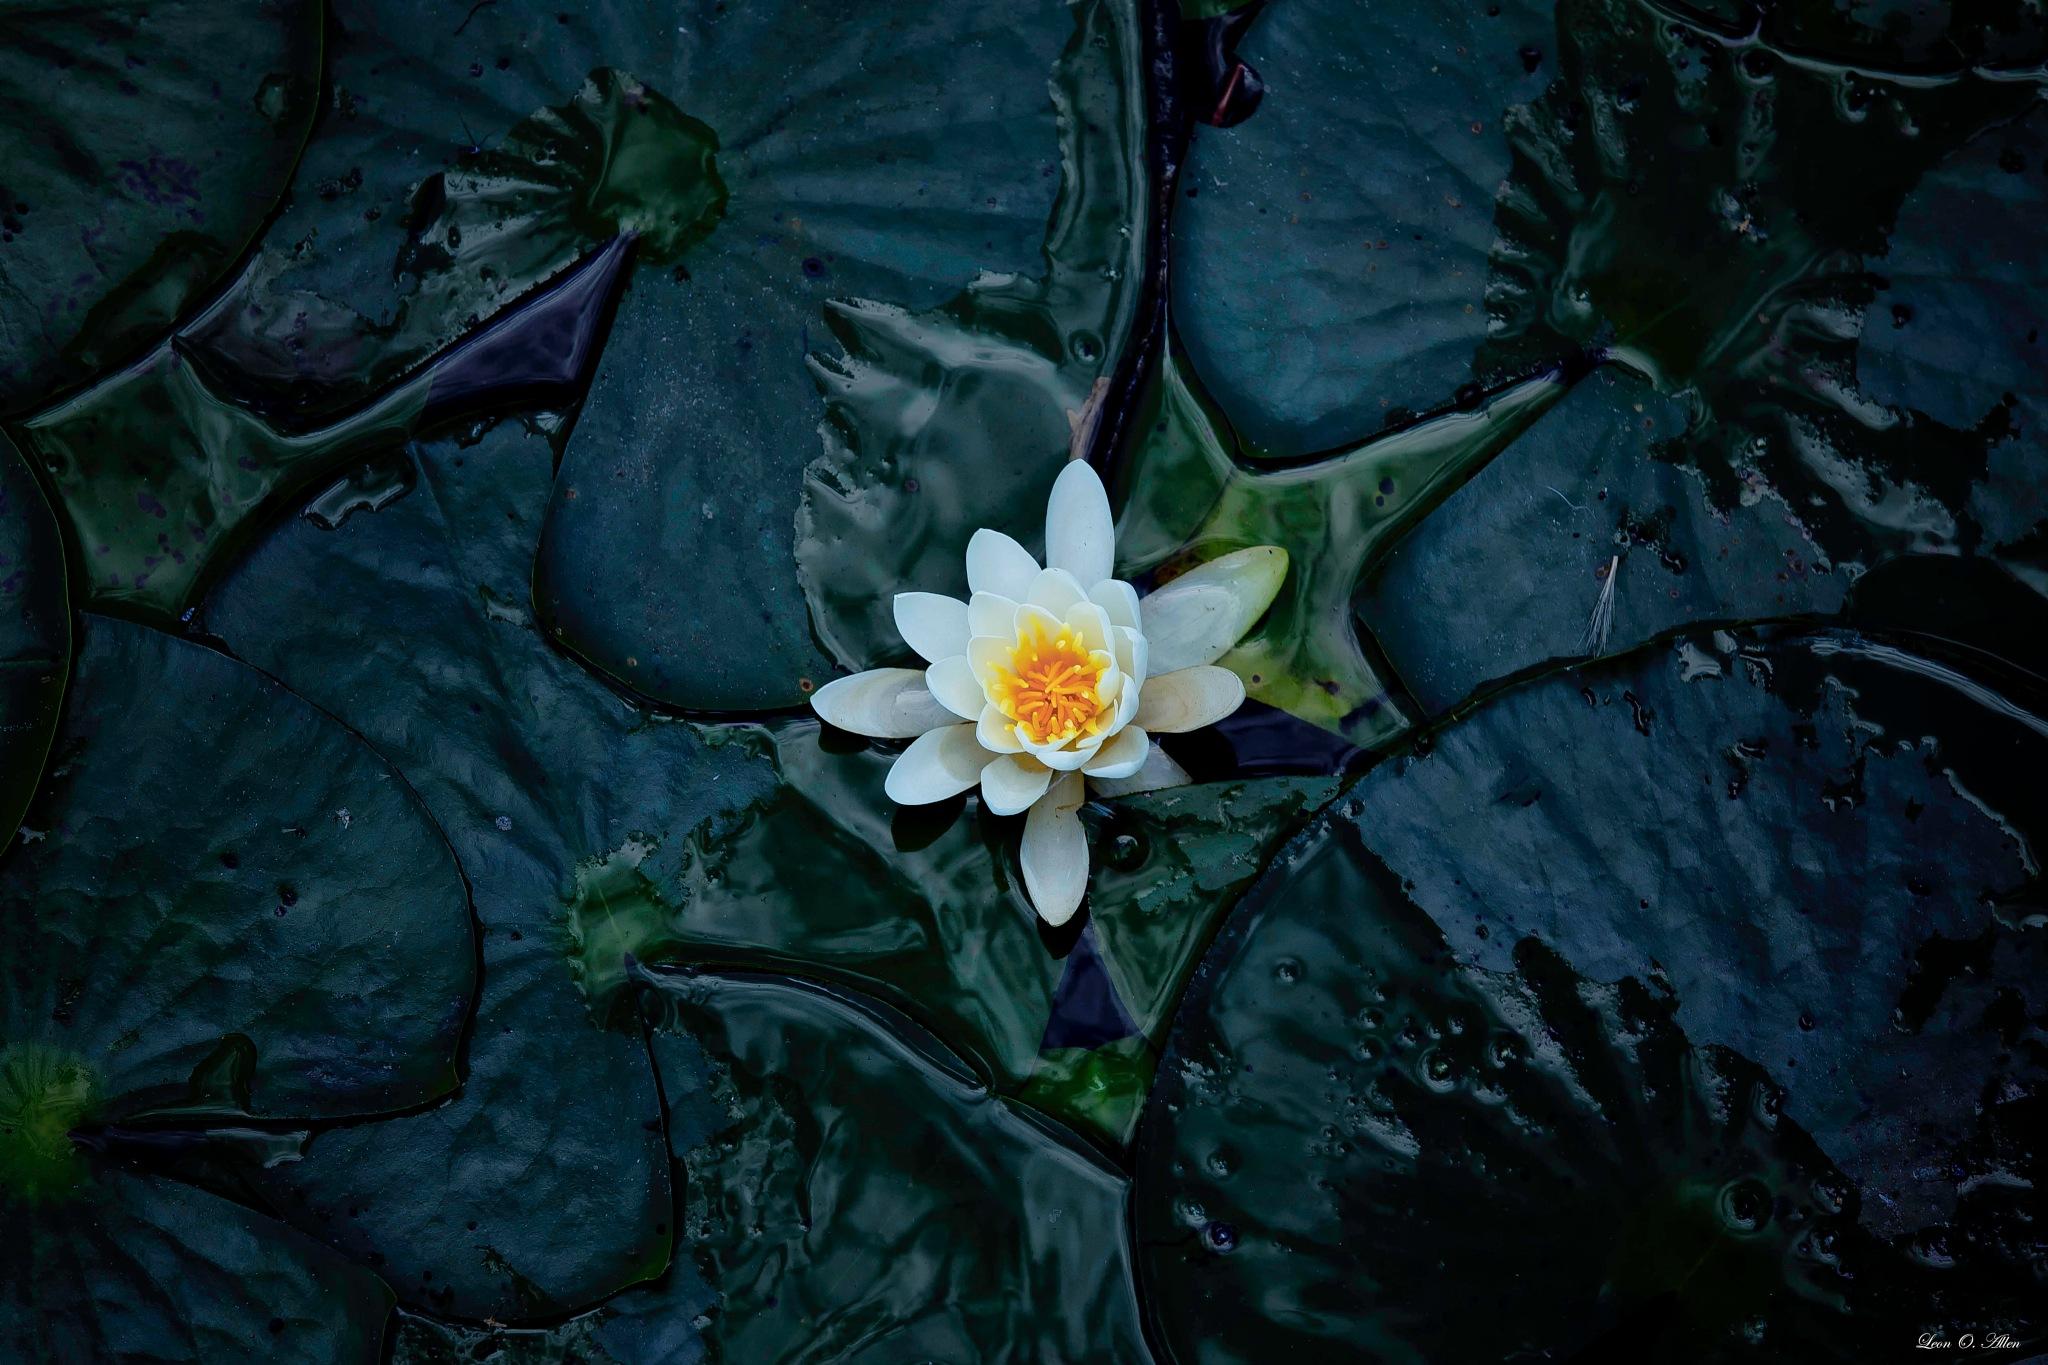 Water Flower #1 by Leon O. Allen